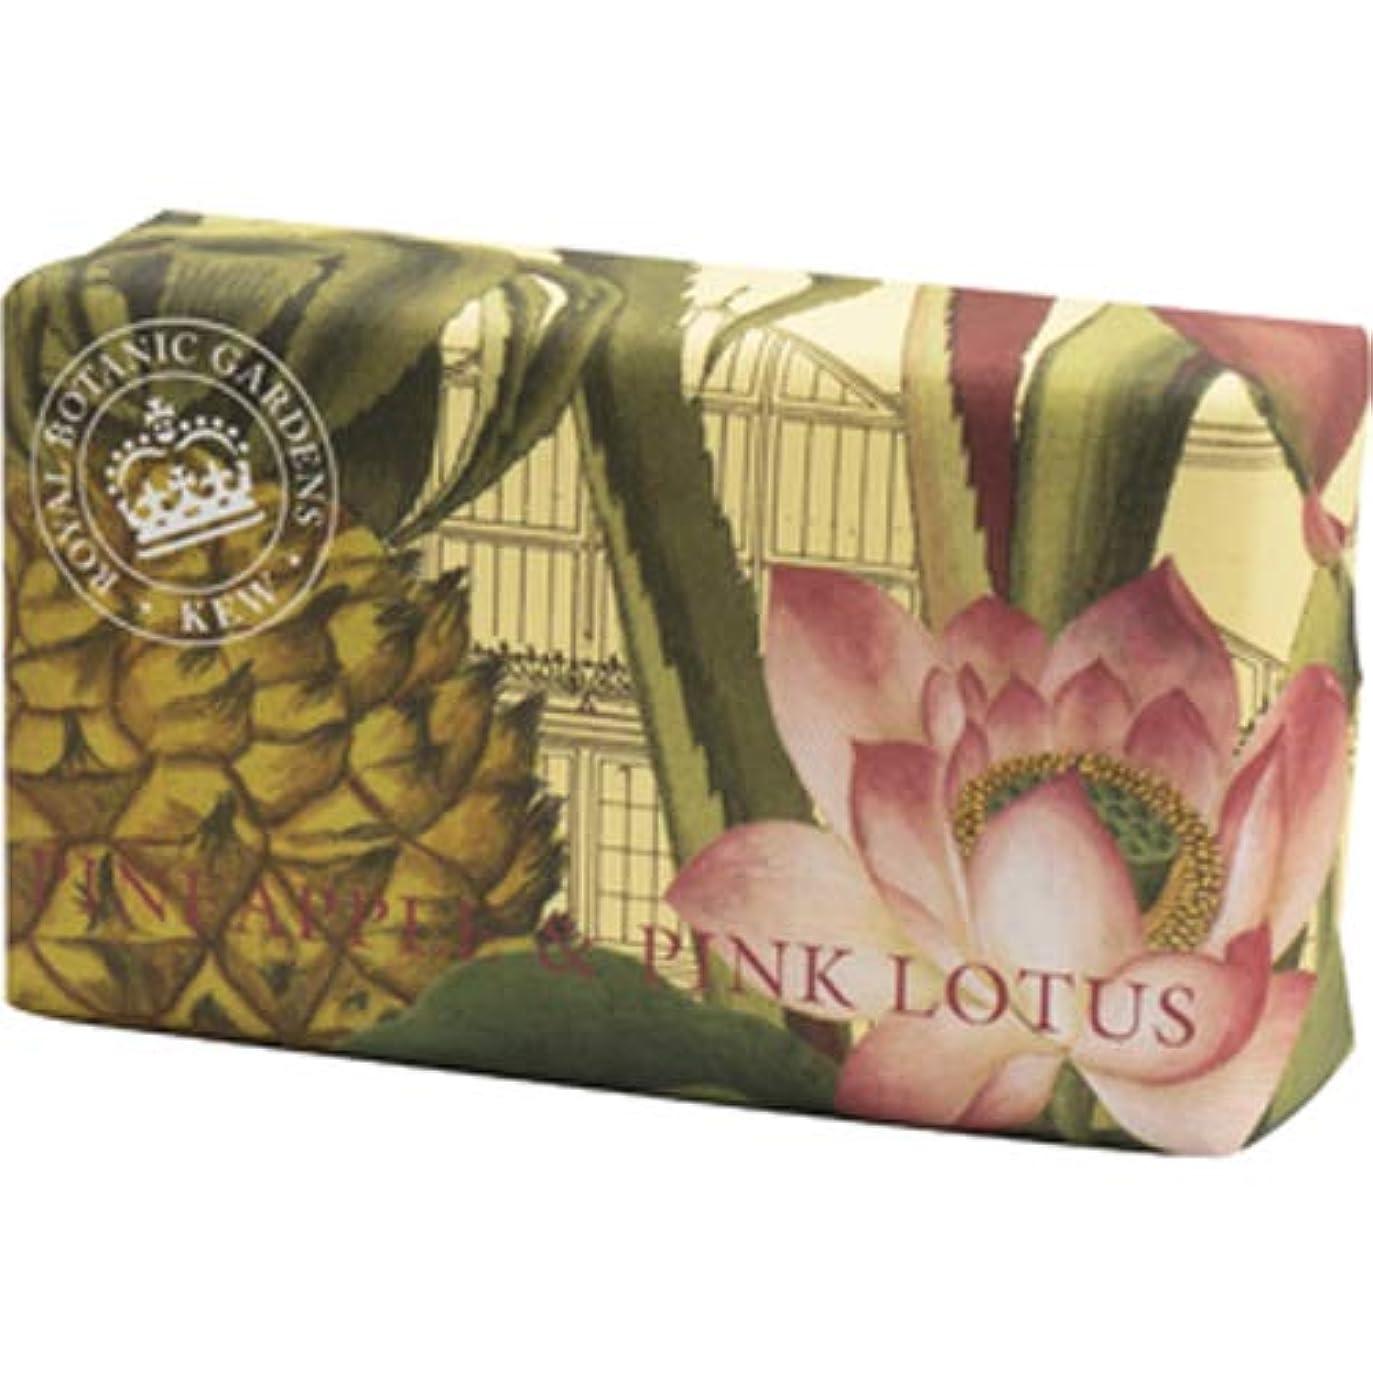 English Soap Company イングリッシュソープカンパニー KEW GARDEN キュー?ガーデン Luxury Shea Soaps シアソープ Pineapple & Pink Lotus パイナップル...